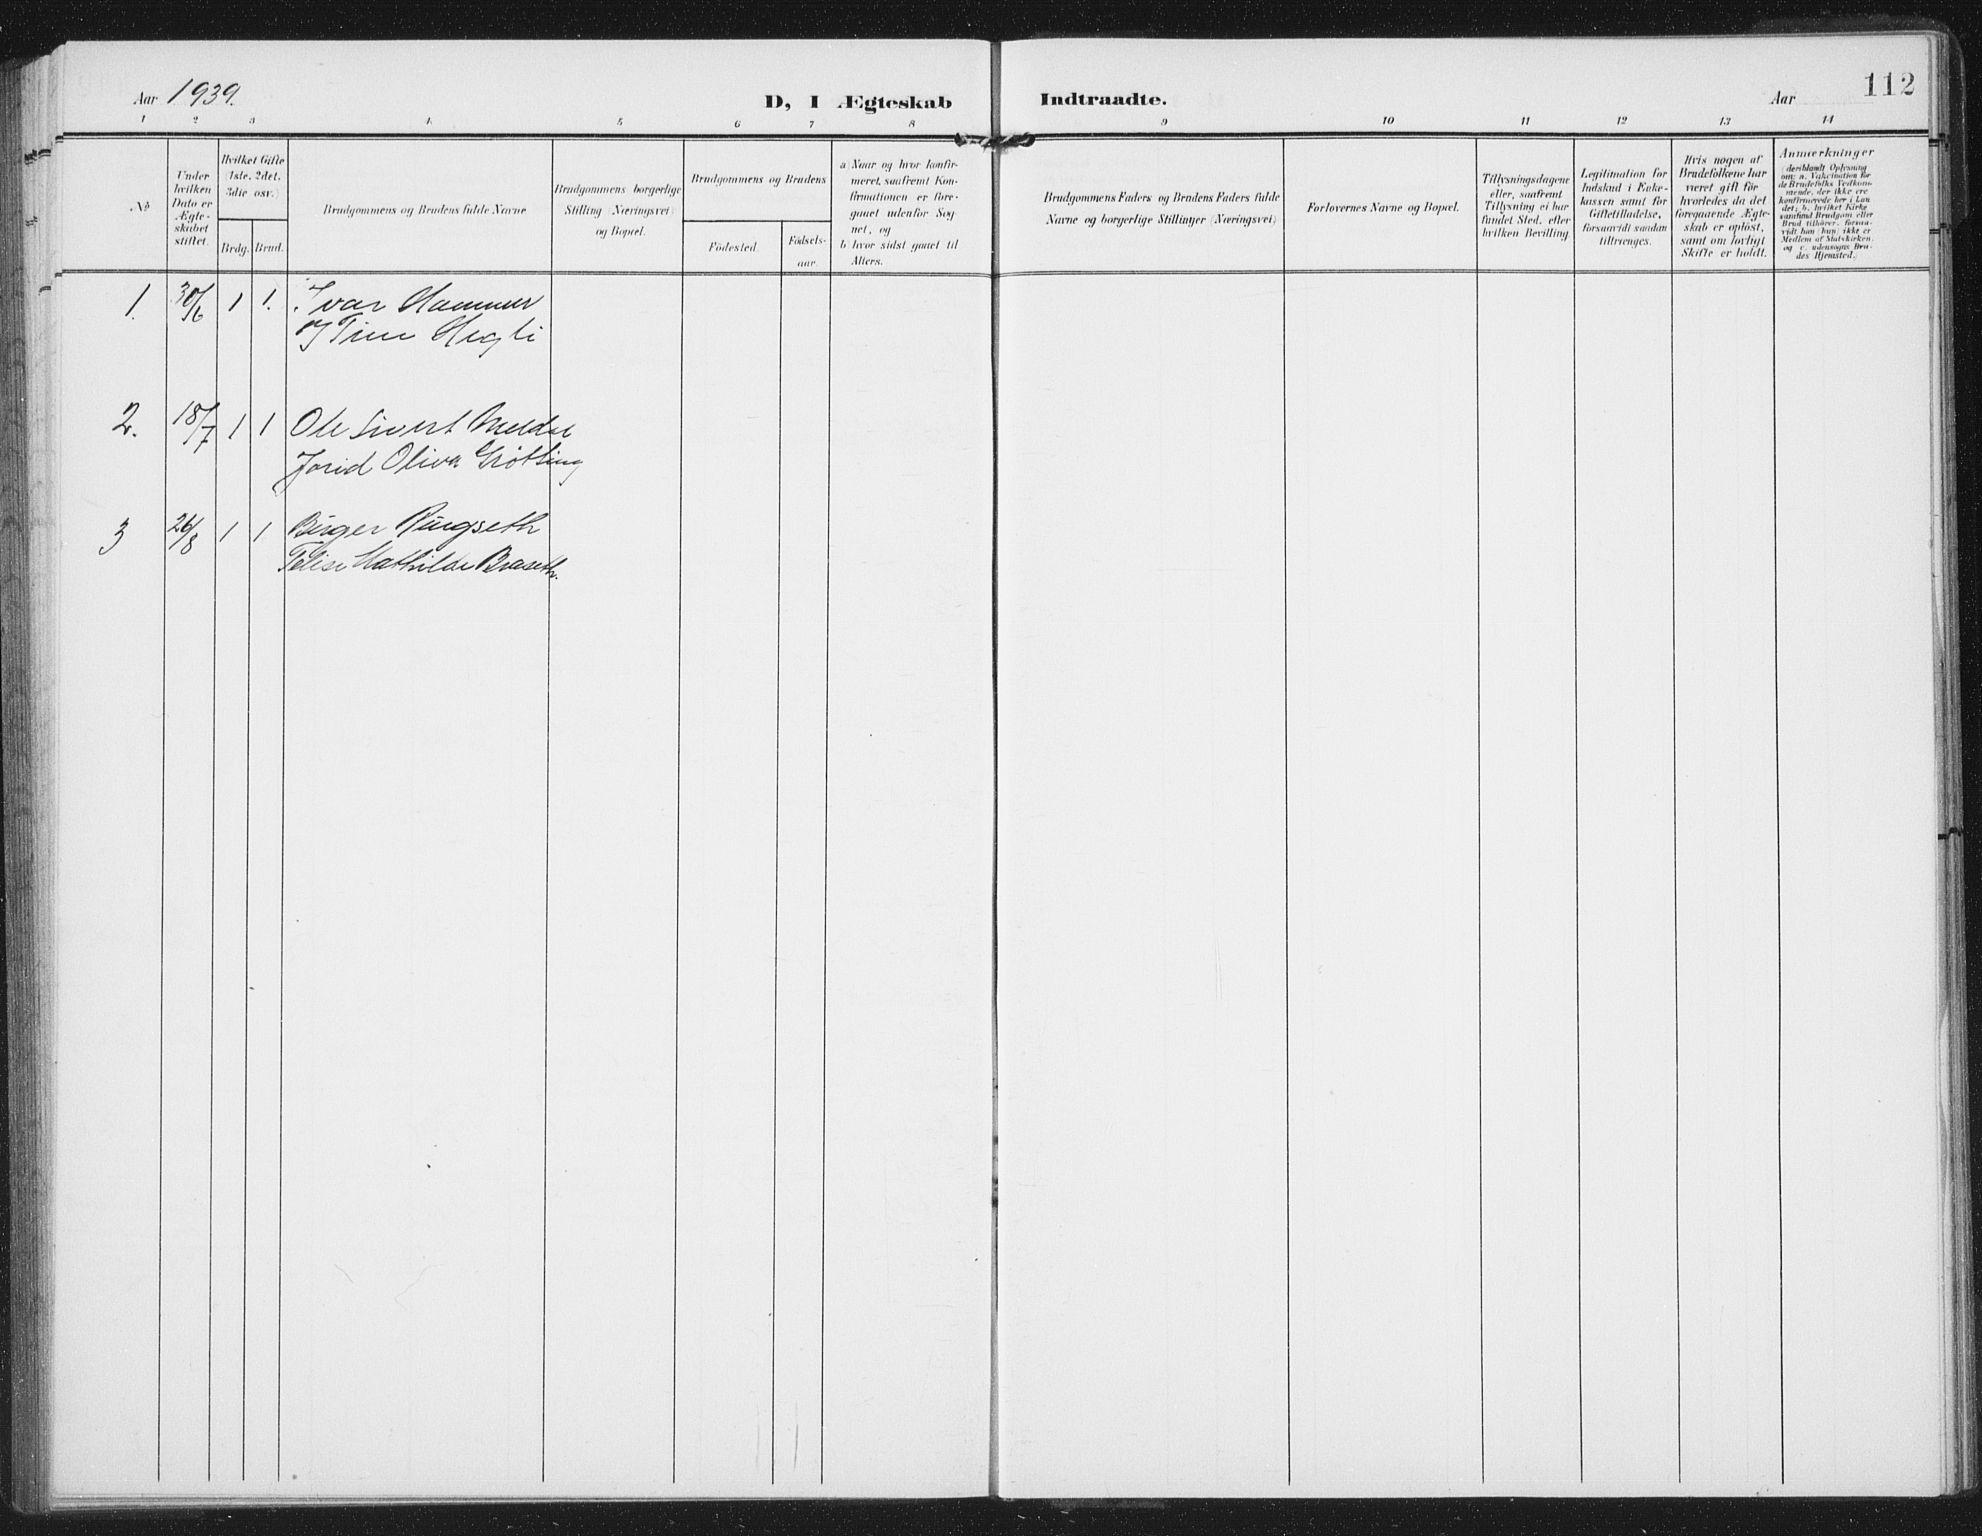 SAT, Ministerialprotokoller, klokkerbøker og fødselsregistre - Nord-Trøndelag, 747/L0460: Klokkerbok nr. 747C02, 1908-1939, s. 112